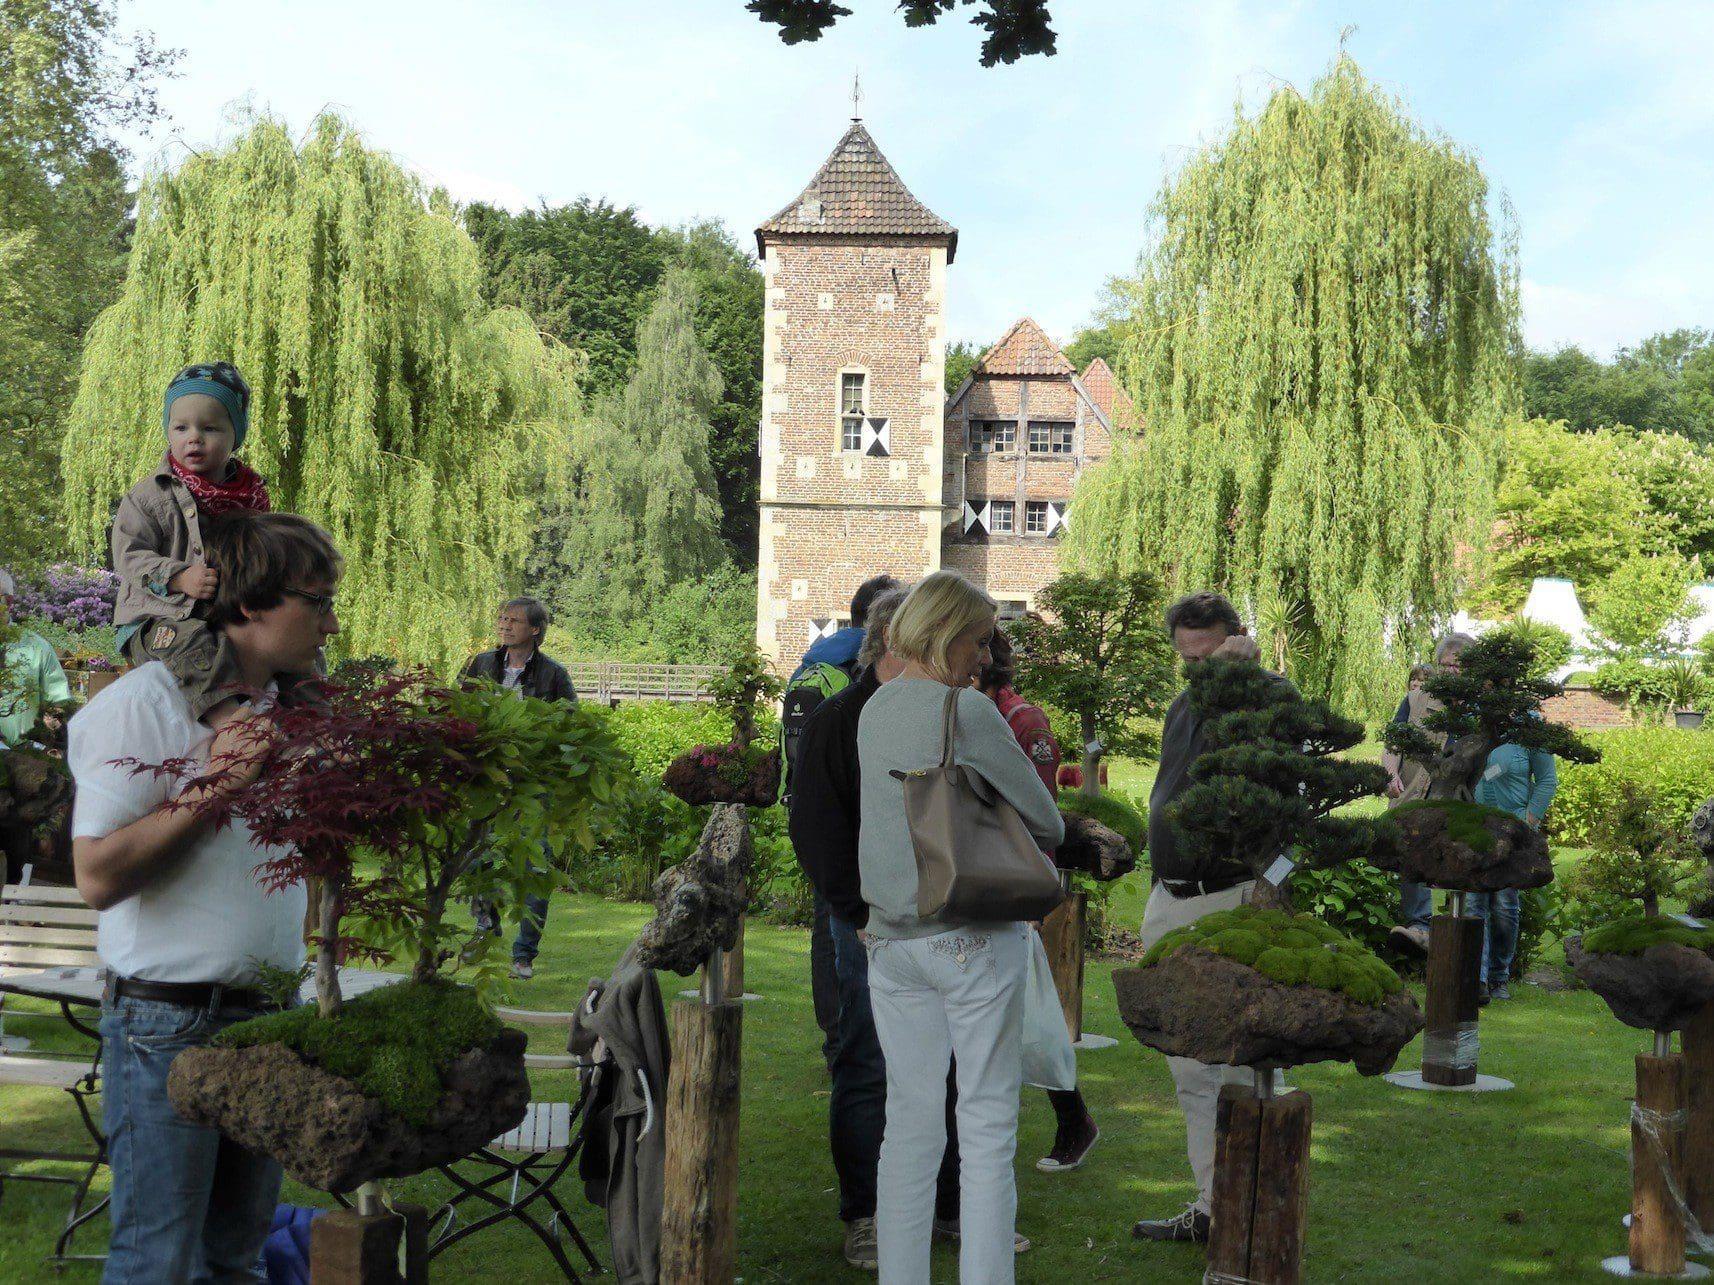 Feste in Gärten und Parks, Schlossfeste, Burg Hülshoff, Gartenträume, Hedera & Bux